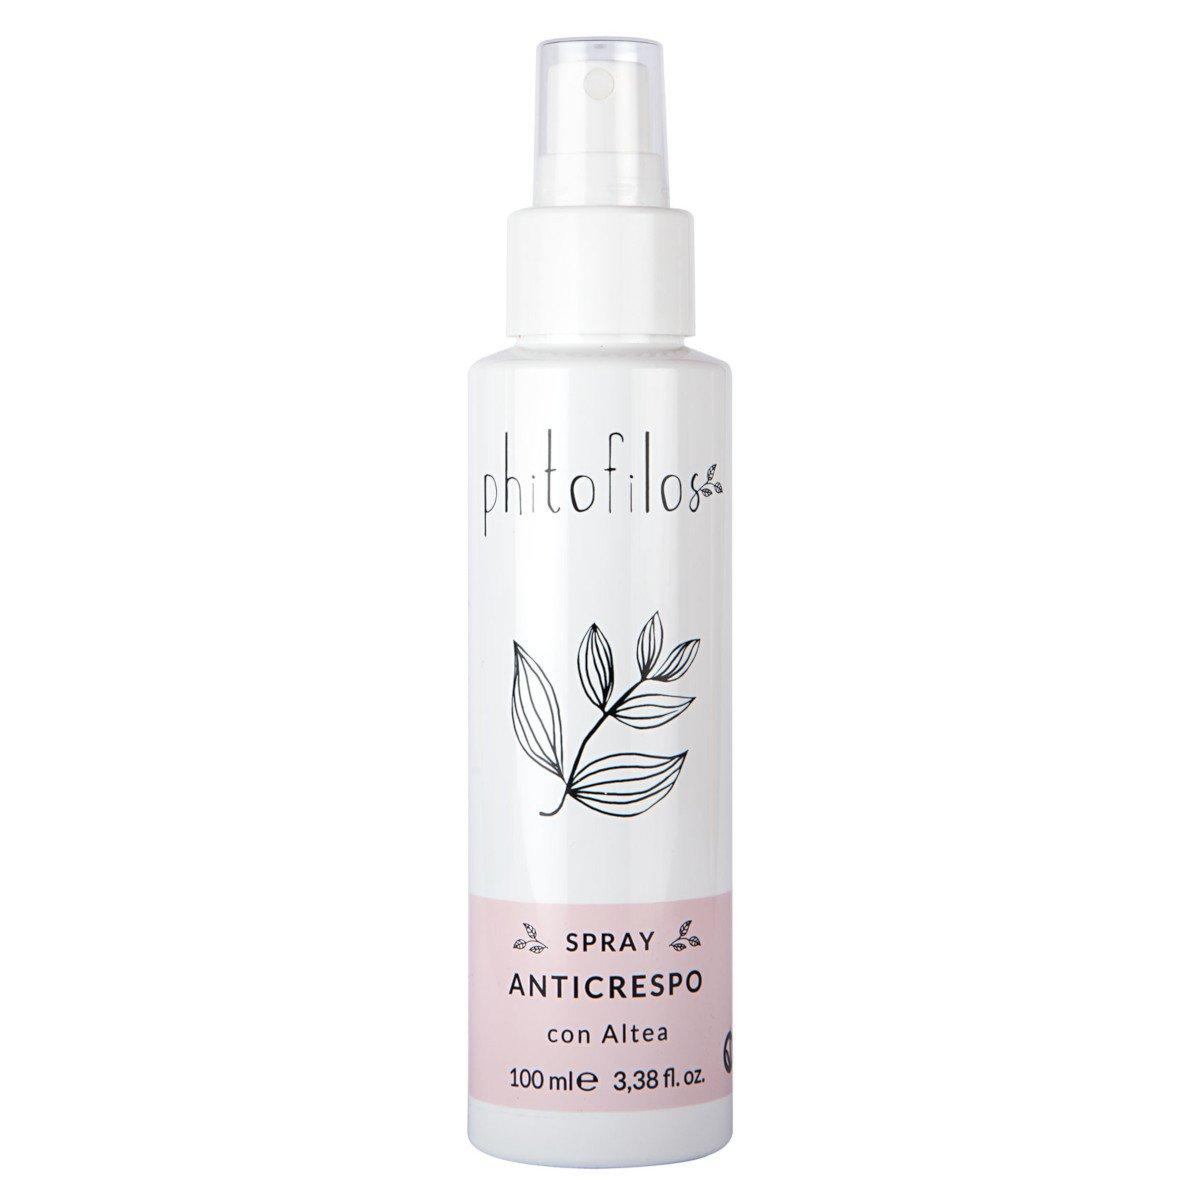 Spray anticrespo con Altea BioVegan Phitofilos